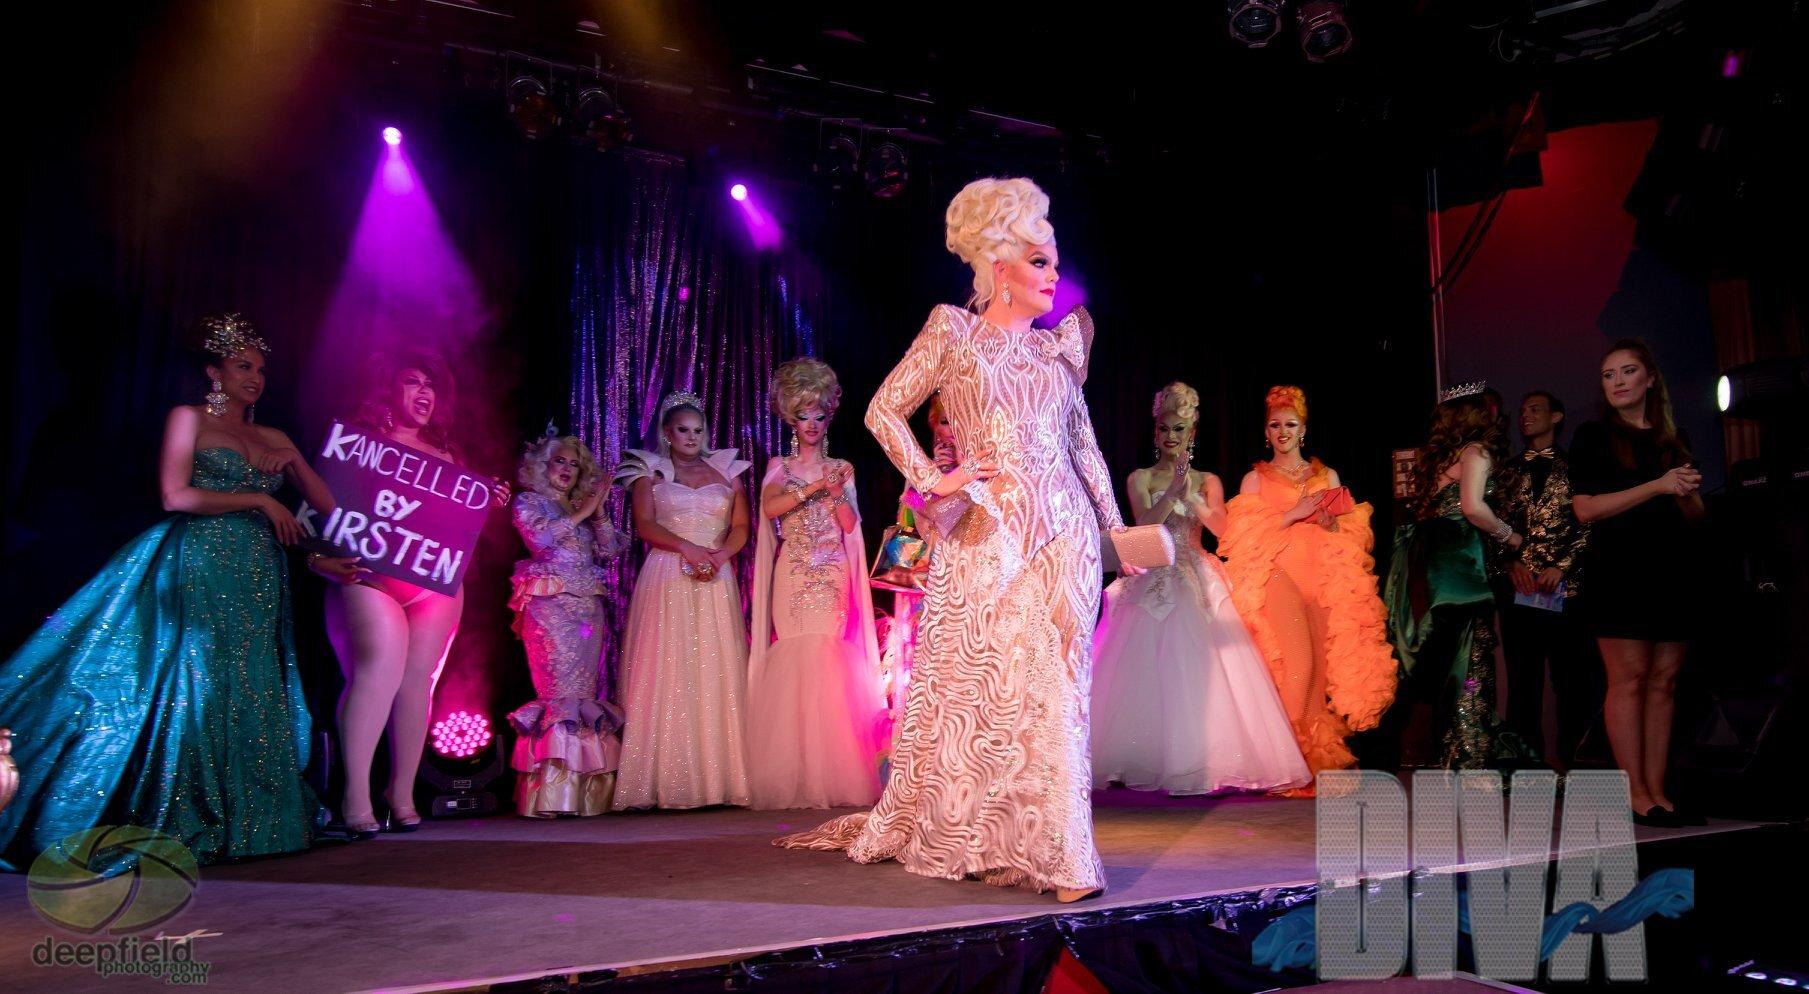 bell-of-the-carmen-geddit-diva-awards-sydney-drag-queen-royalty-best-hire-drag-race-australia-2.jpg